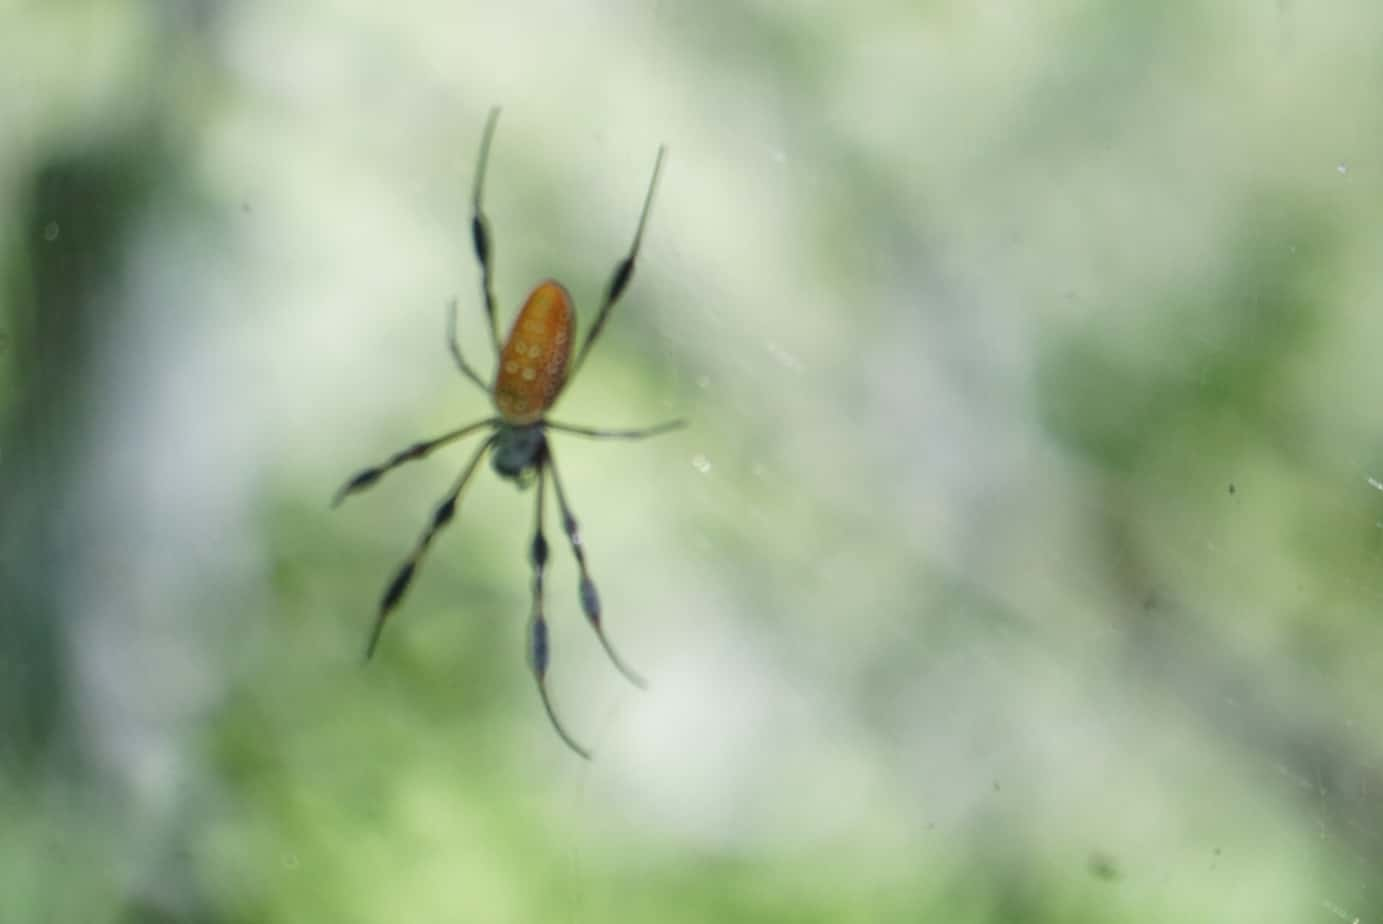 Gold Silk Spider at Audubon Swamp Garden